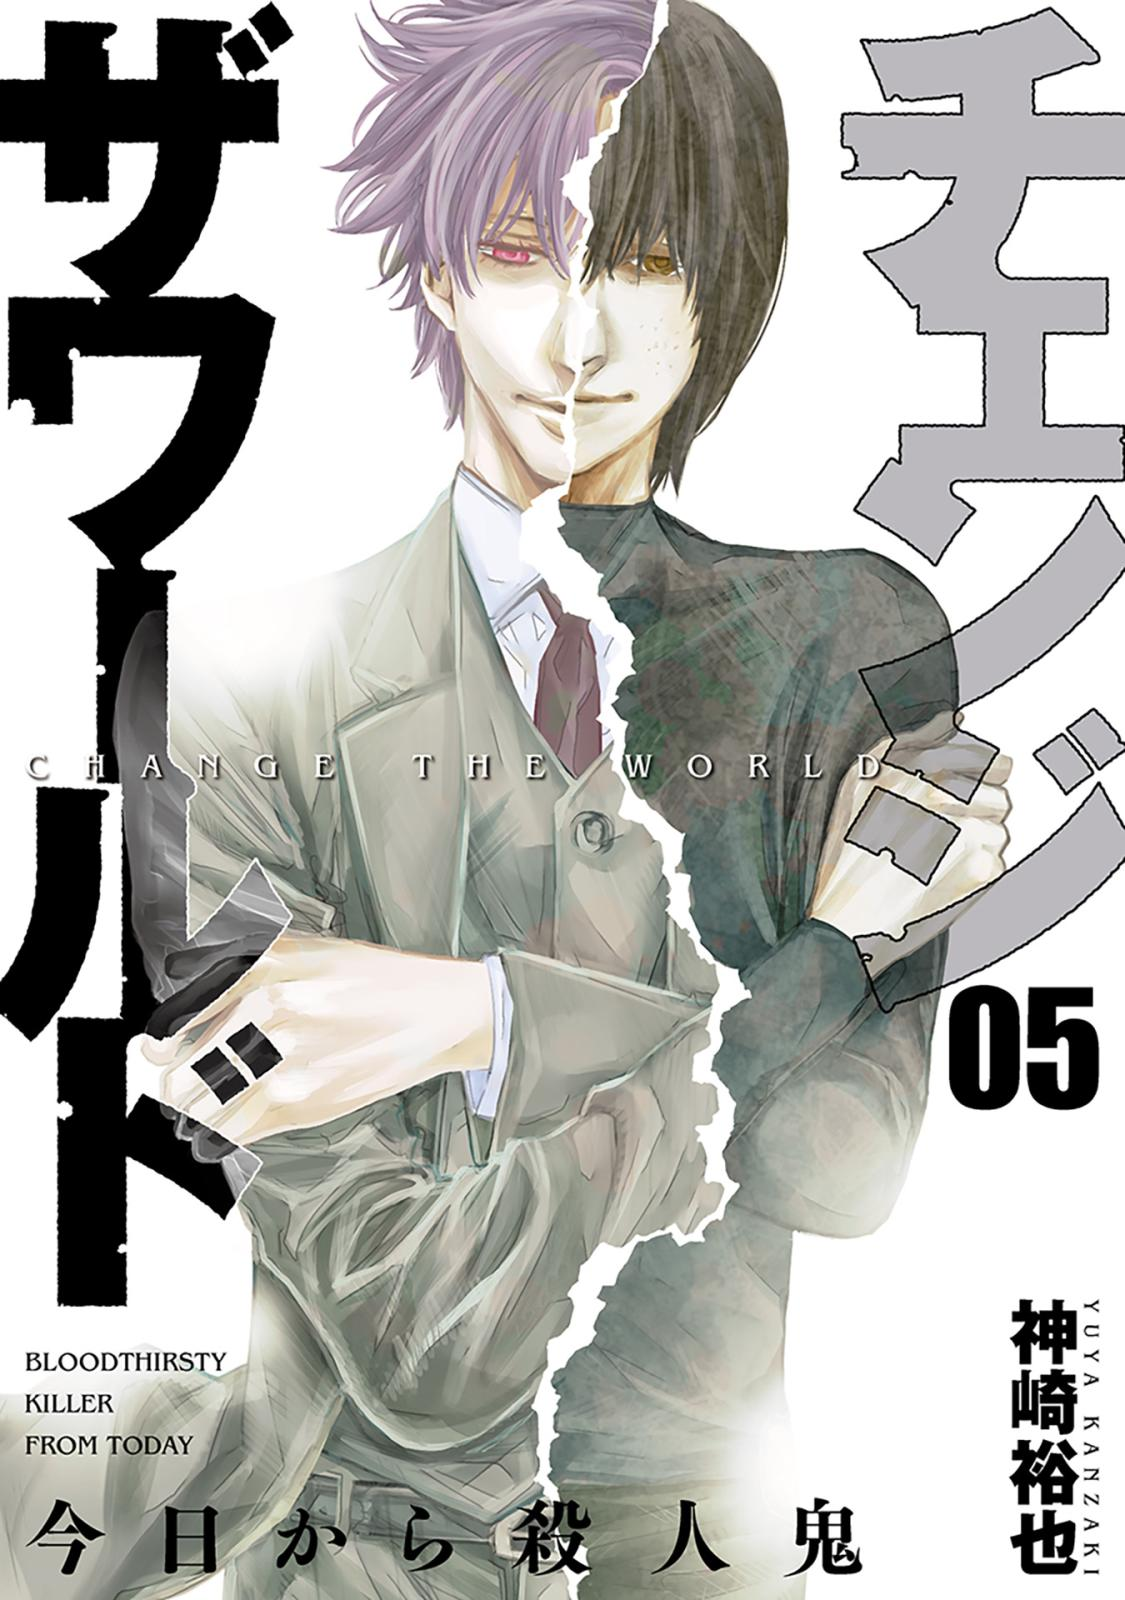 チェンジザワールド―今日から殺人鬼― 5巻(完)